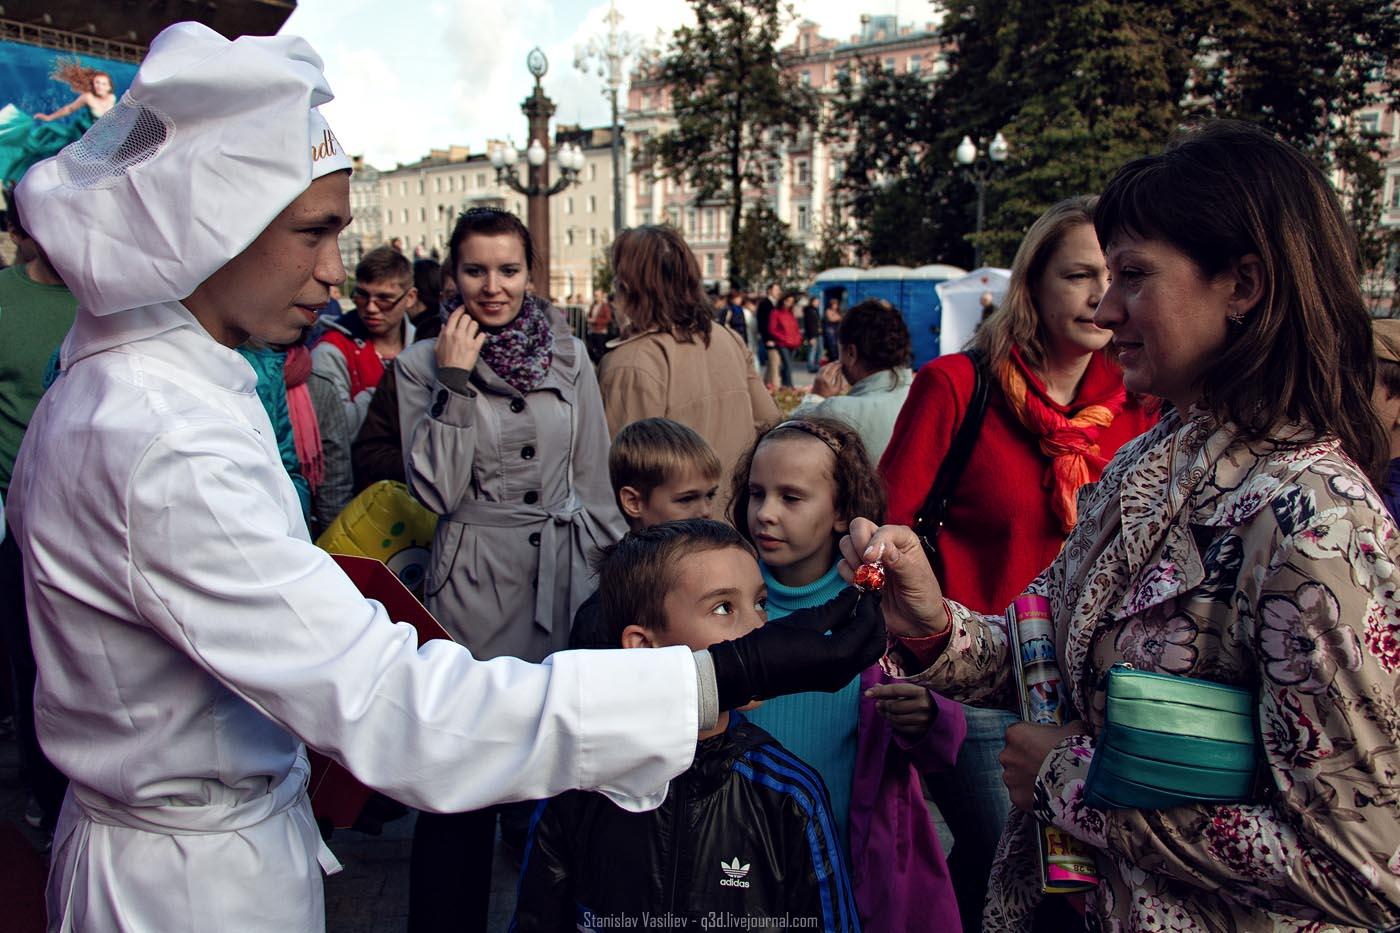 День города - Москва - 2013 - #007